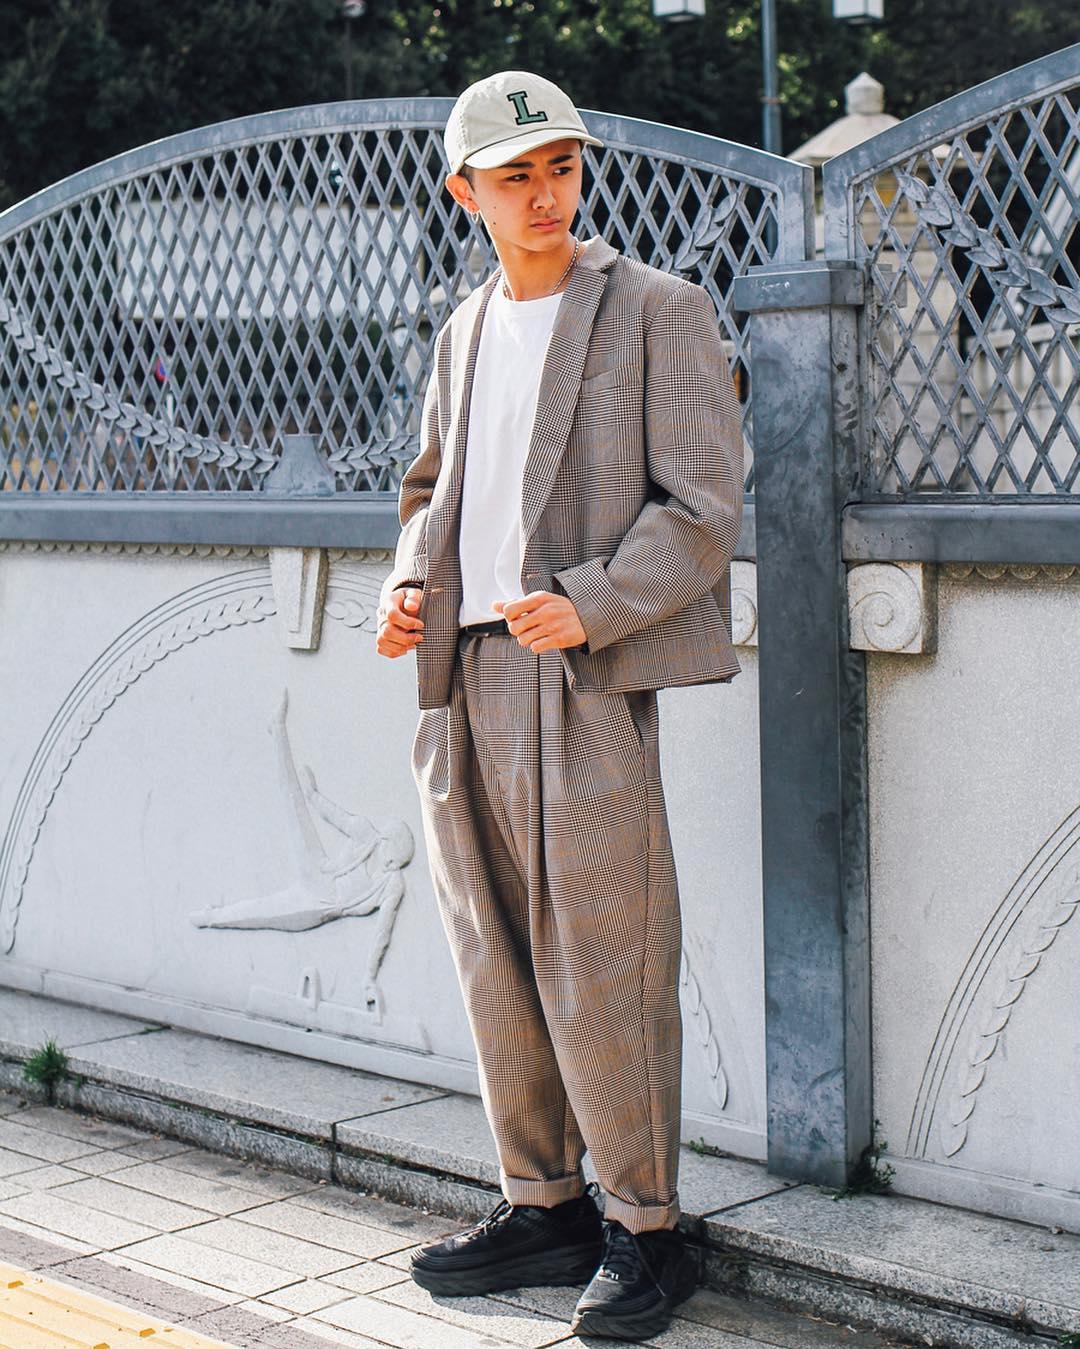 穿搭比例,比例,比例原則,穿搭,穿著,搭配,搭配比例,基礎穿搭,穿搭原則,穿著比例